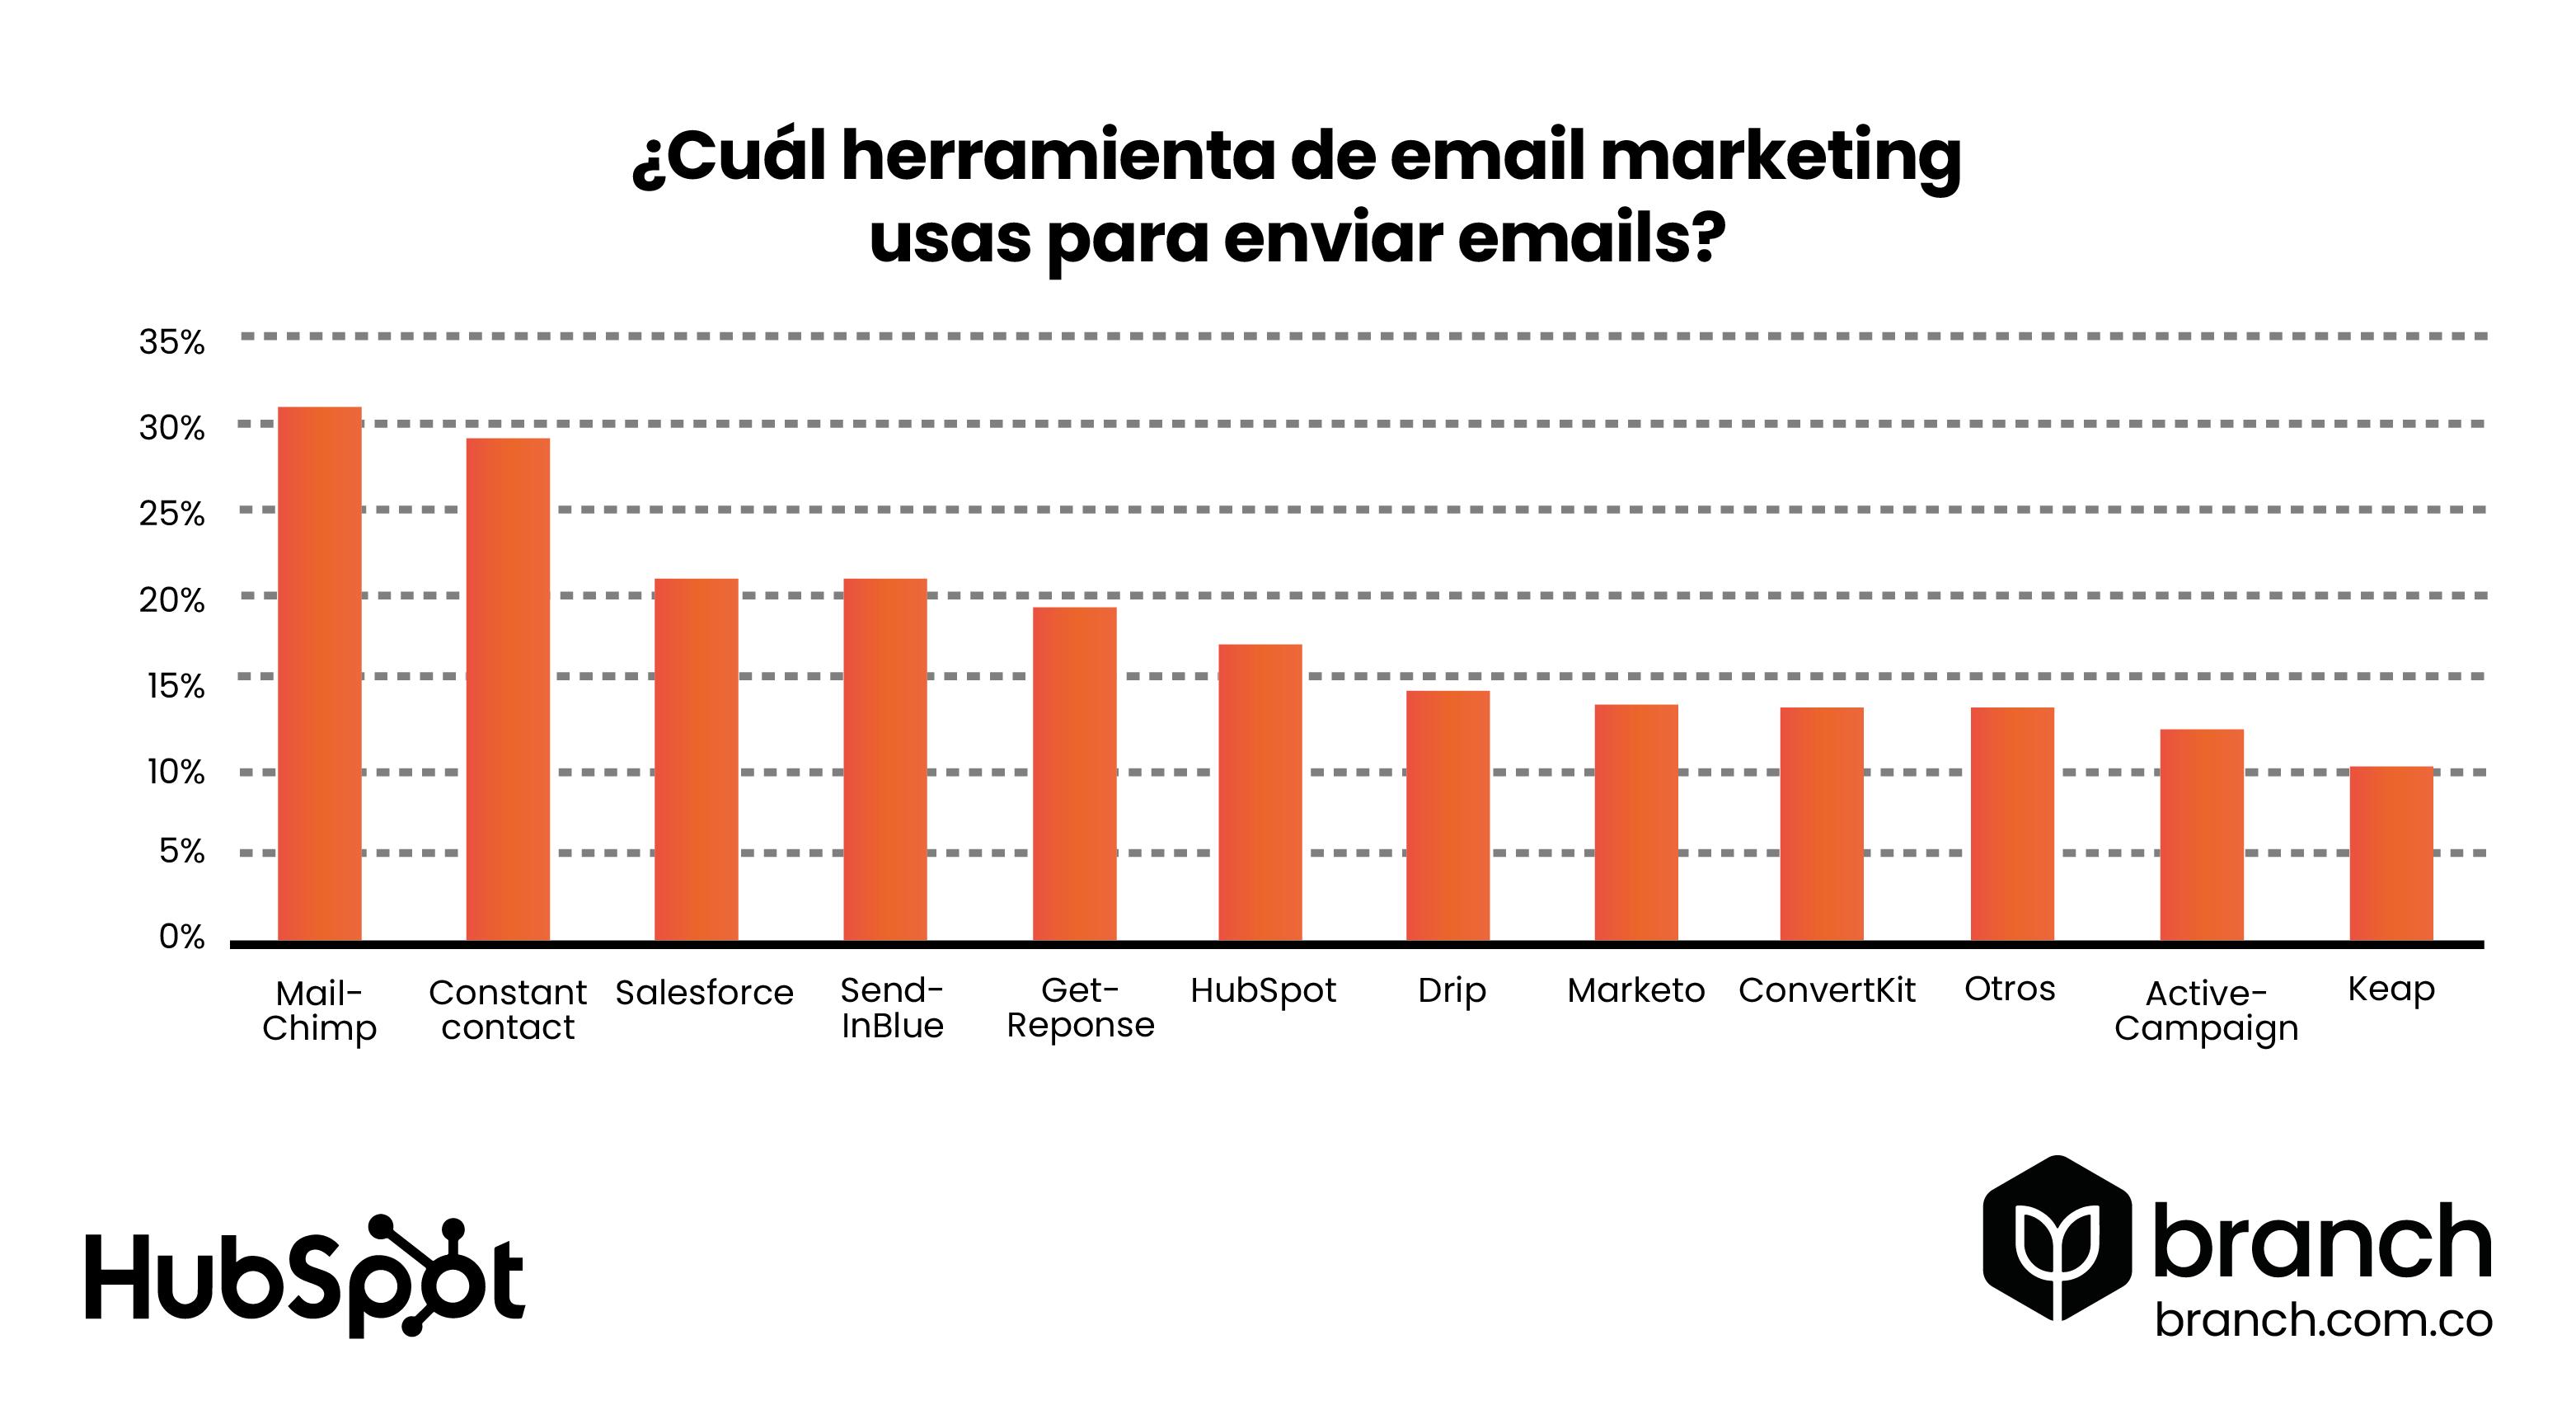 grafico-mailchimp-es-la-plataforma-de-email-marketing-mas-usada